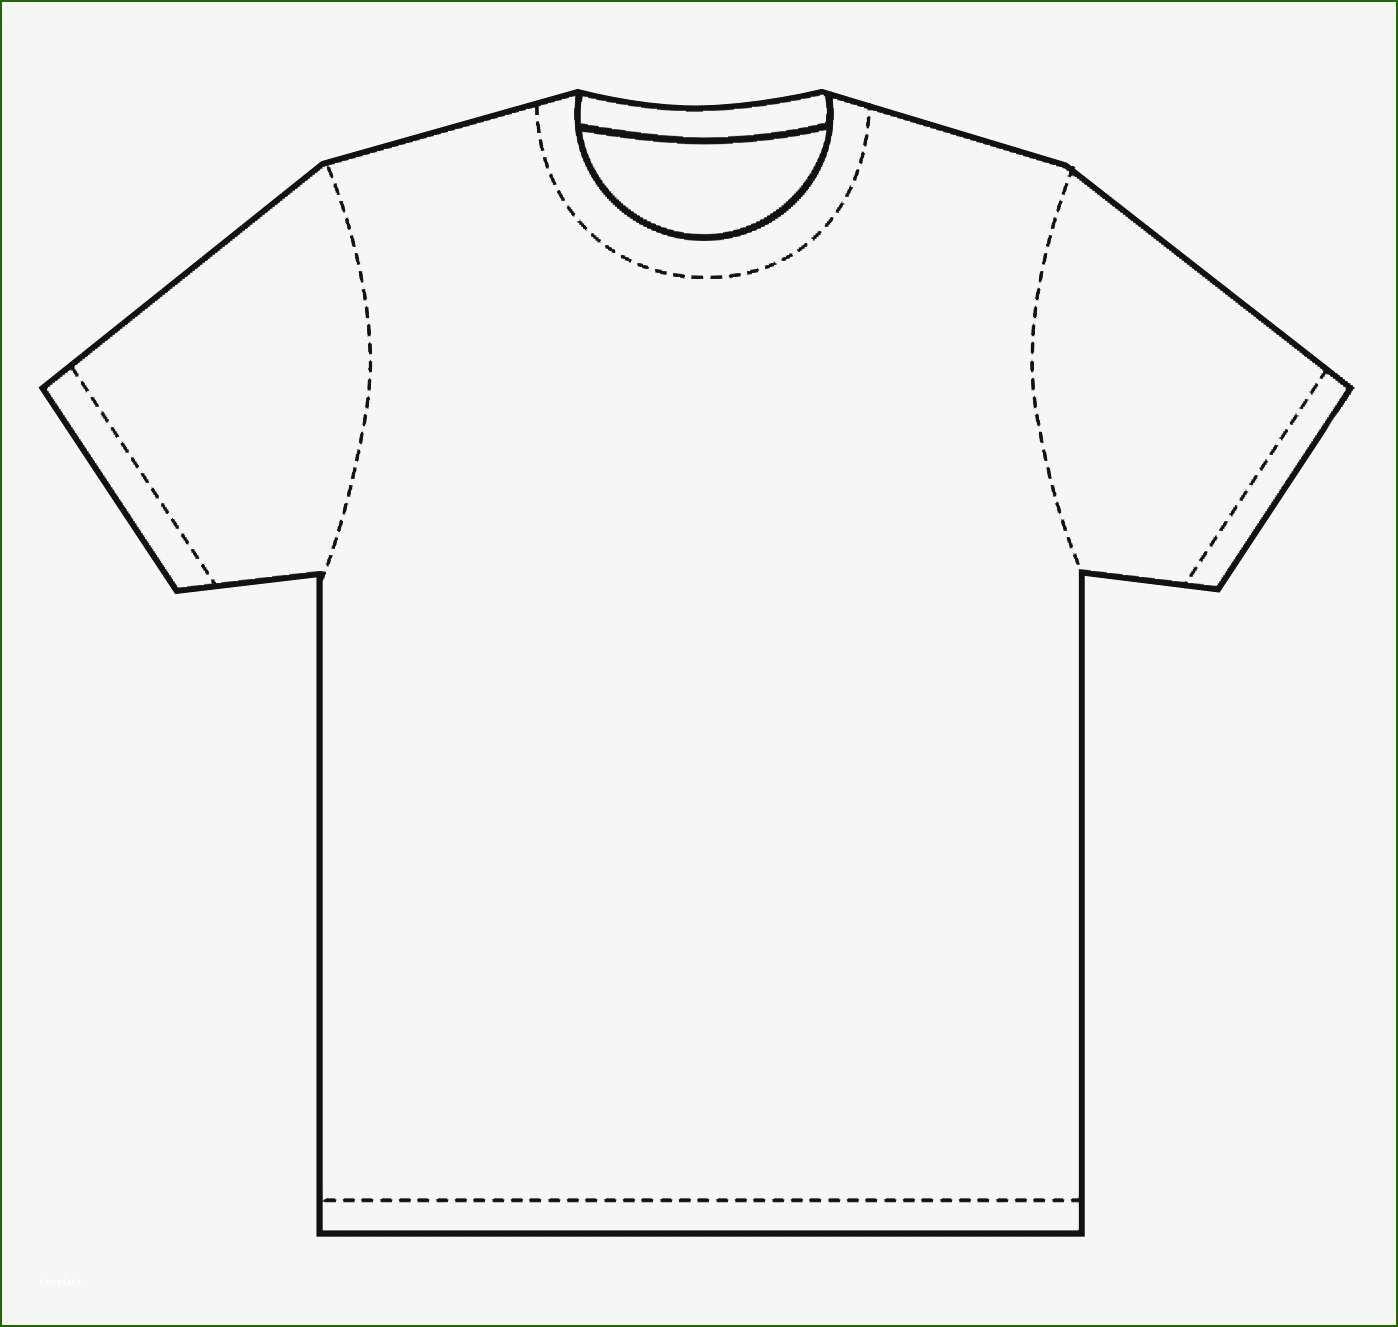 T Shirt Template Illustrator 13 Solution Of 2020 Disegno Tecnico Maglieria Abbigliamento T shirt design template illustrator